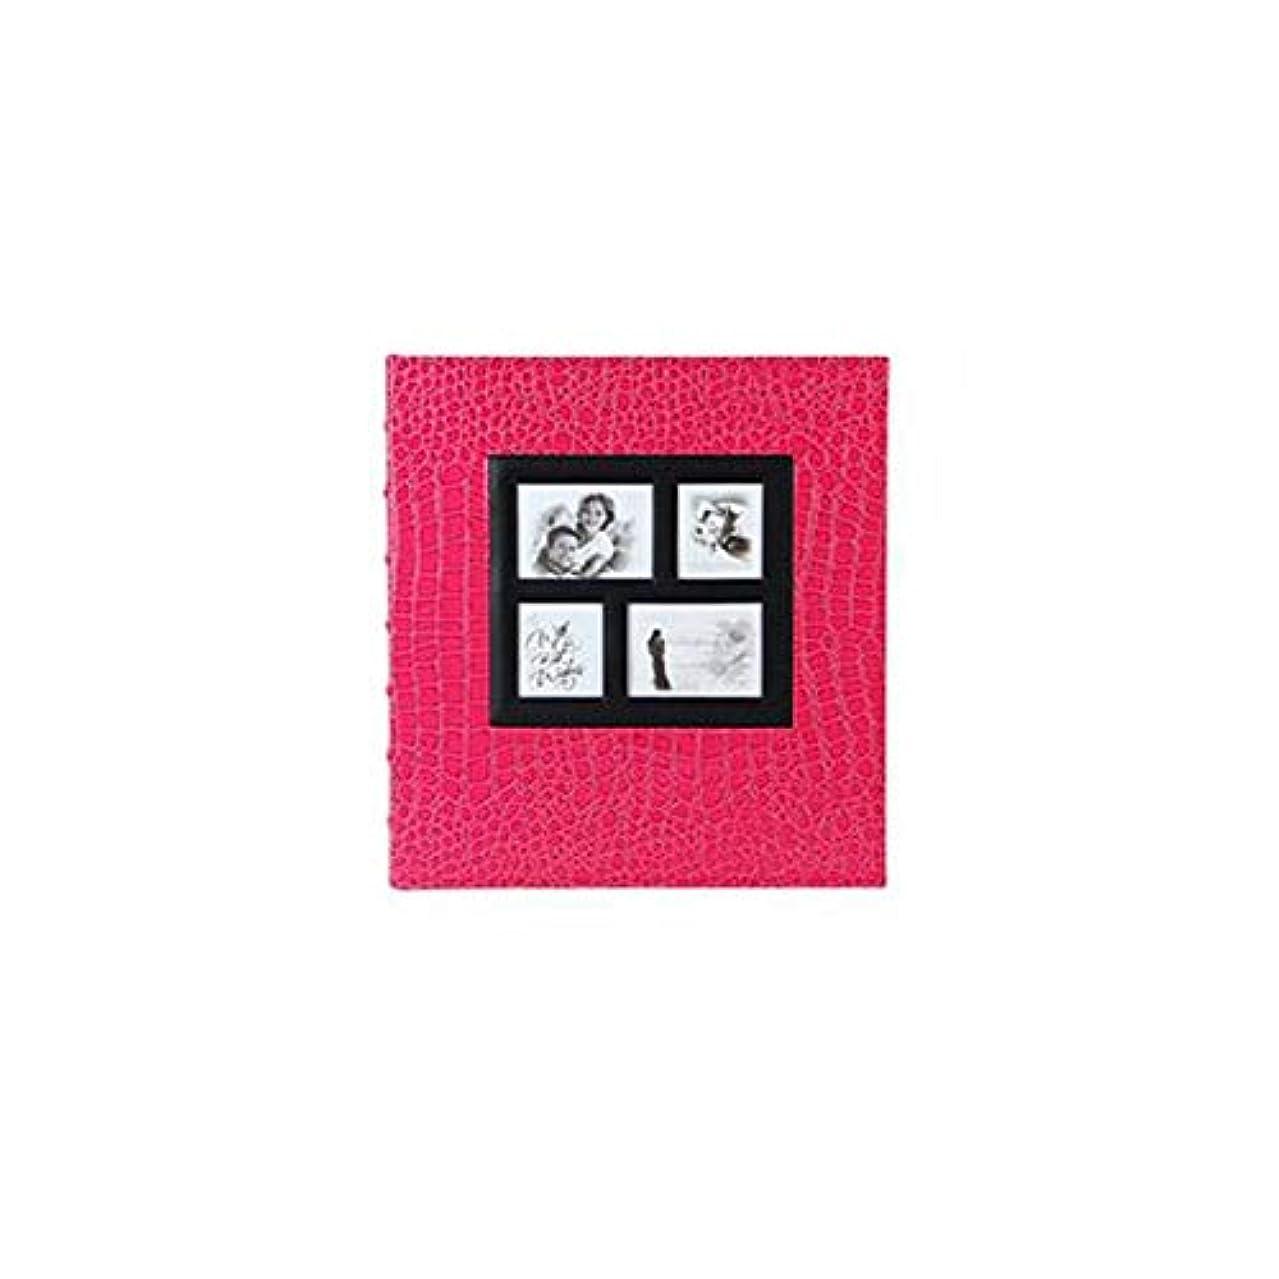 寝室霜思い出すWXZD レザーパターン、埋め込まれたウィンドウのアルバム、保存された6インチ5インチ、創造的な家族のアルバム (Color : Rose red)